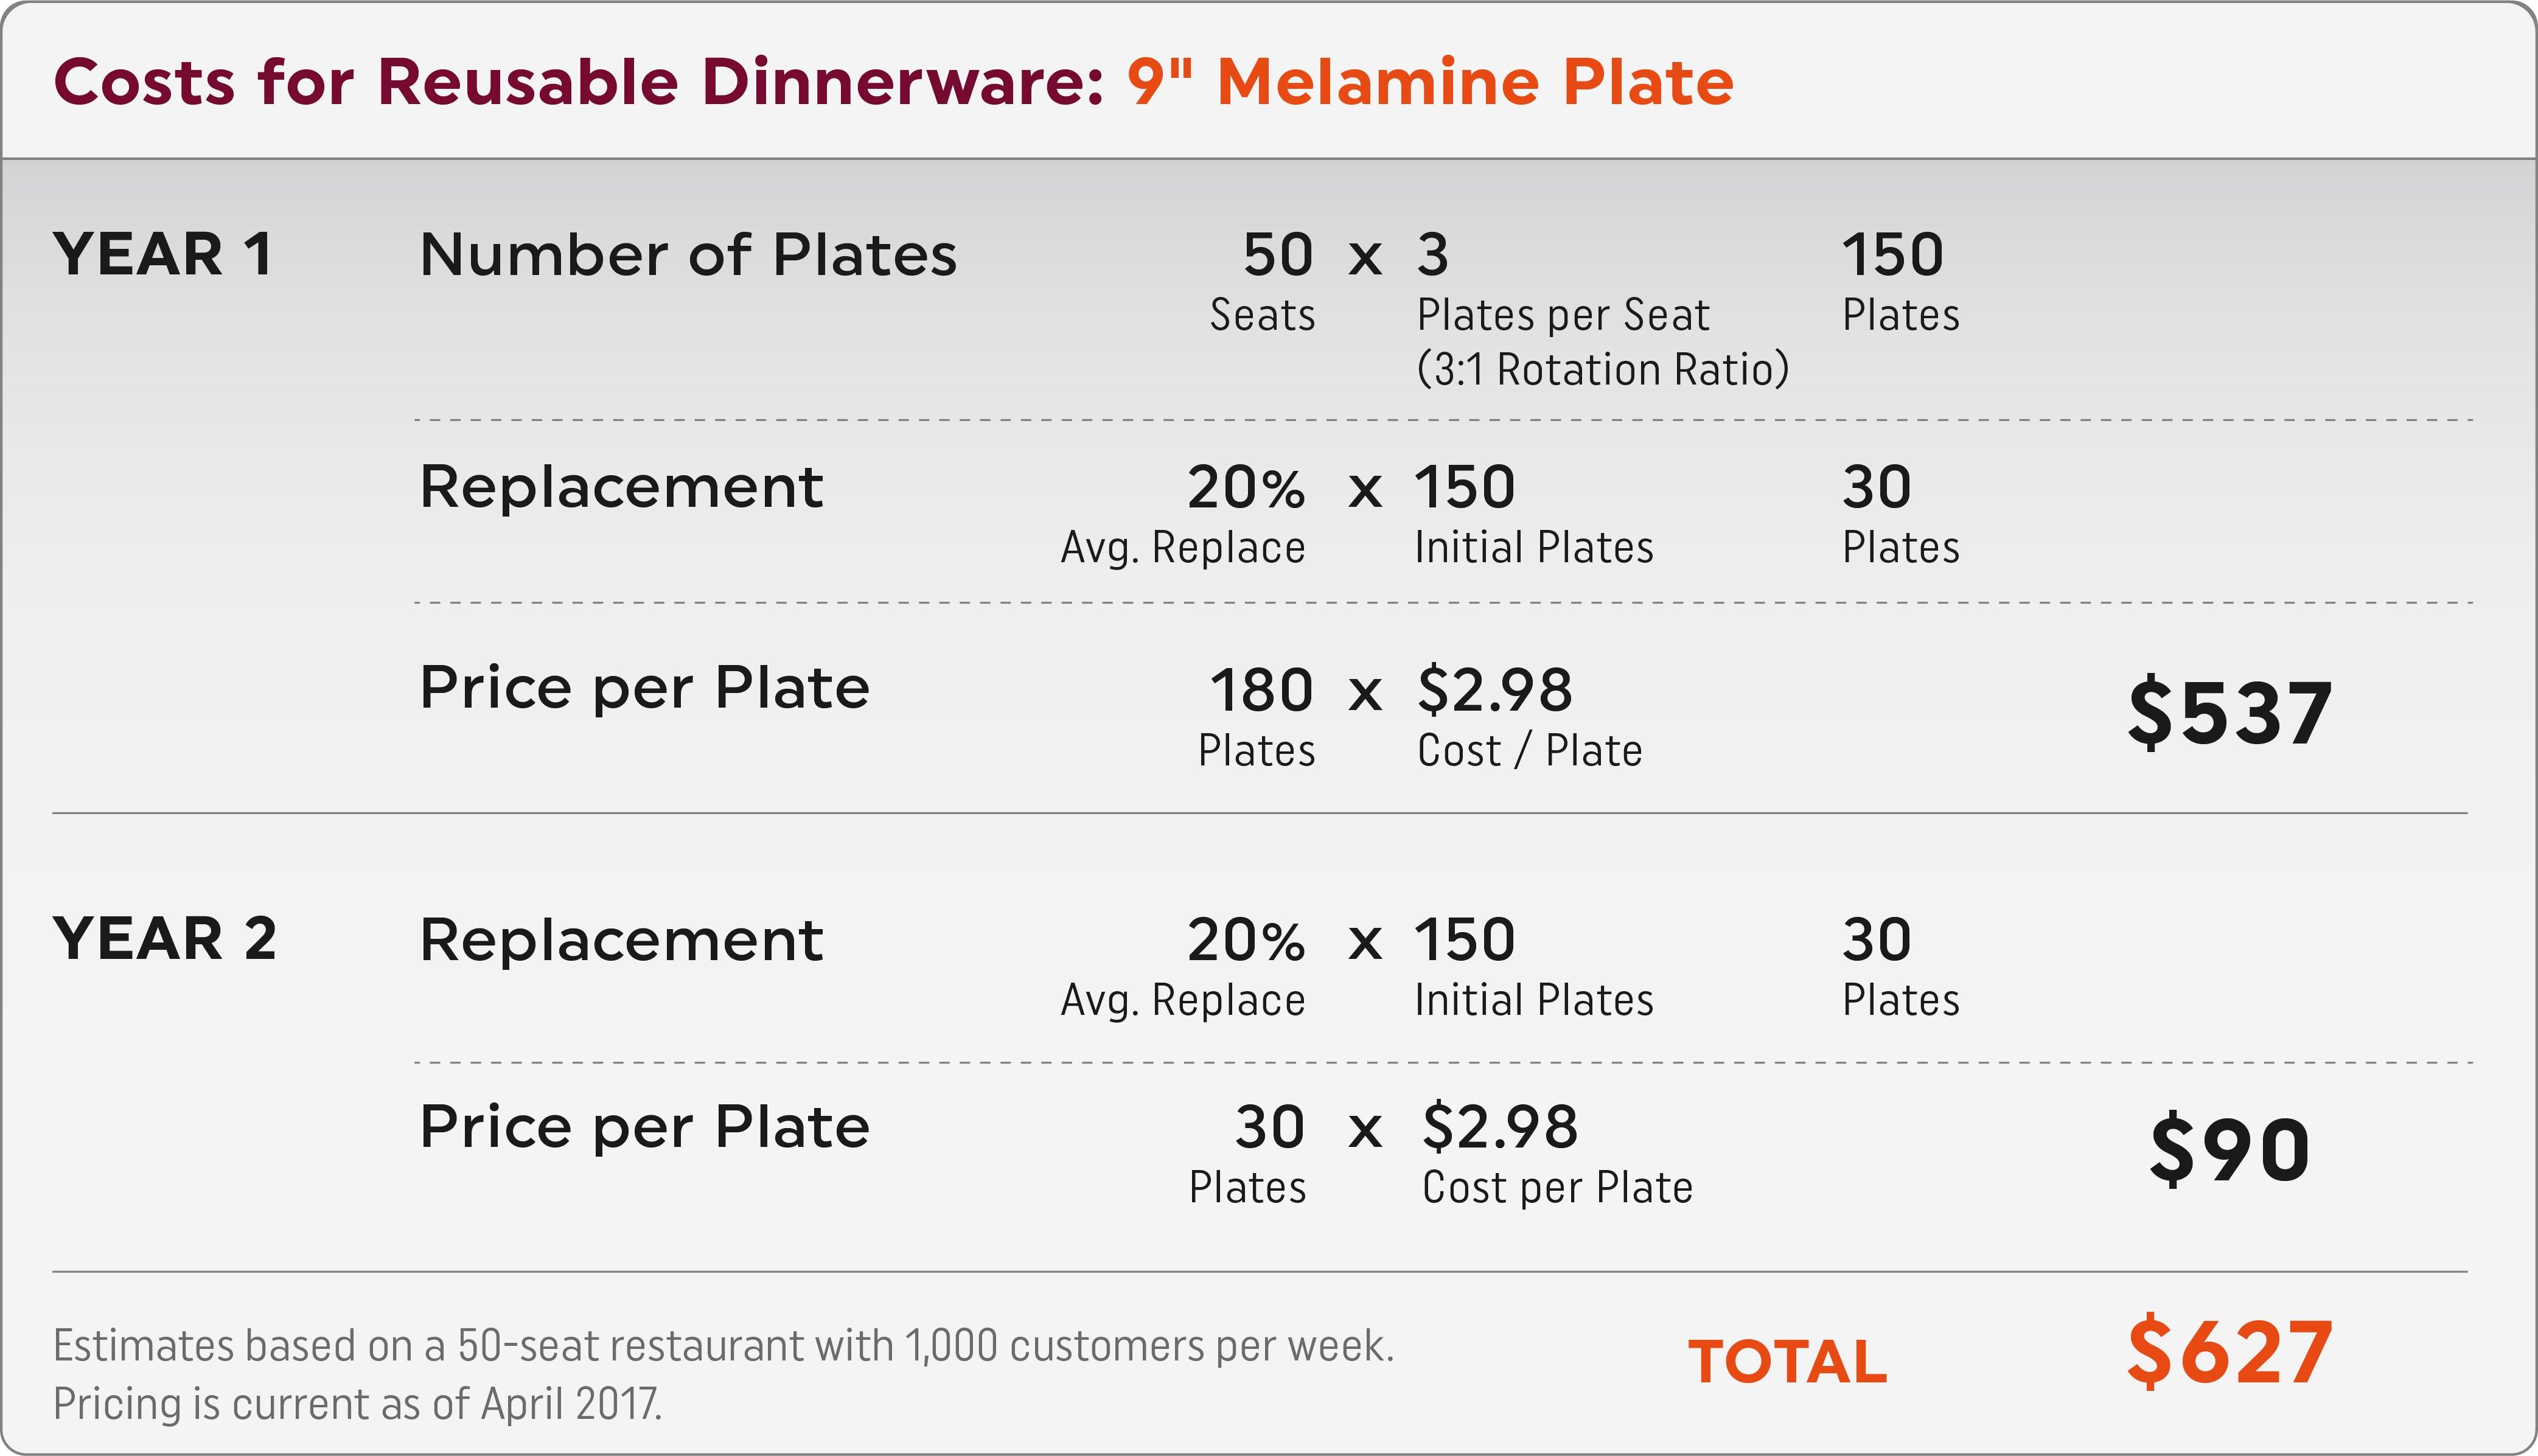 Reusable_Dinnerware_Costs.jpg